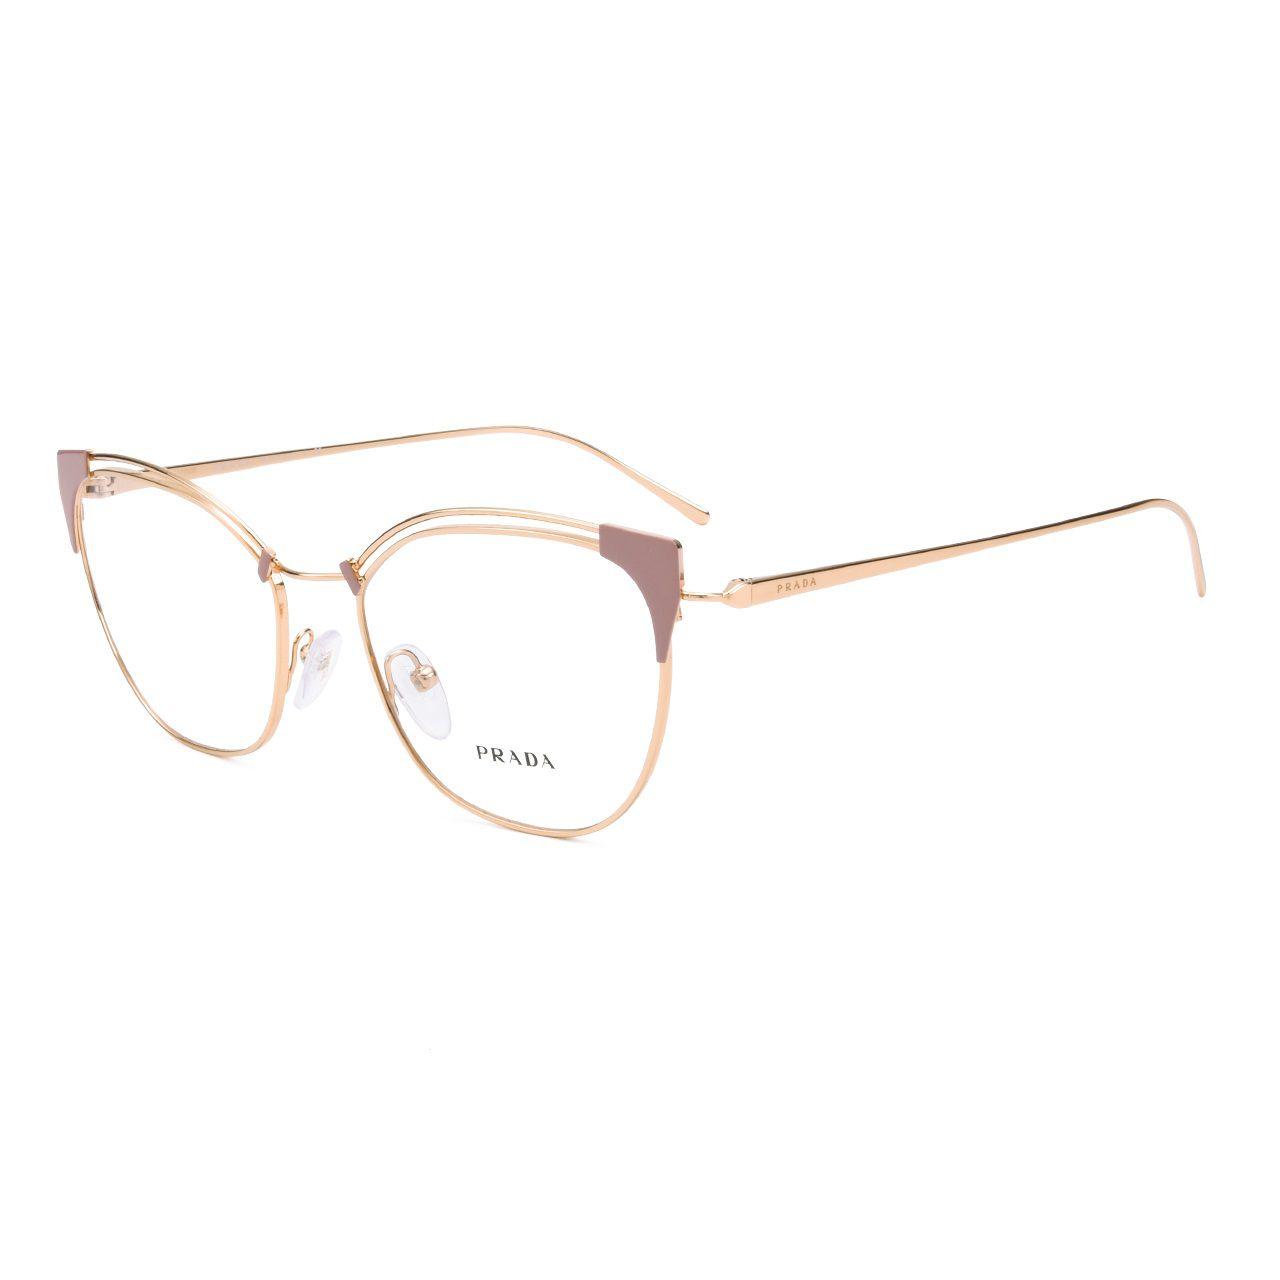 580d959b8 Armação Óculos de Grau Feminino Prada VPR62U YEP-101 - Omega Ótica e ...